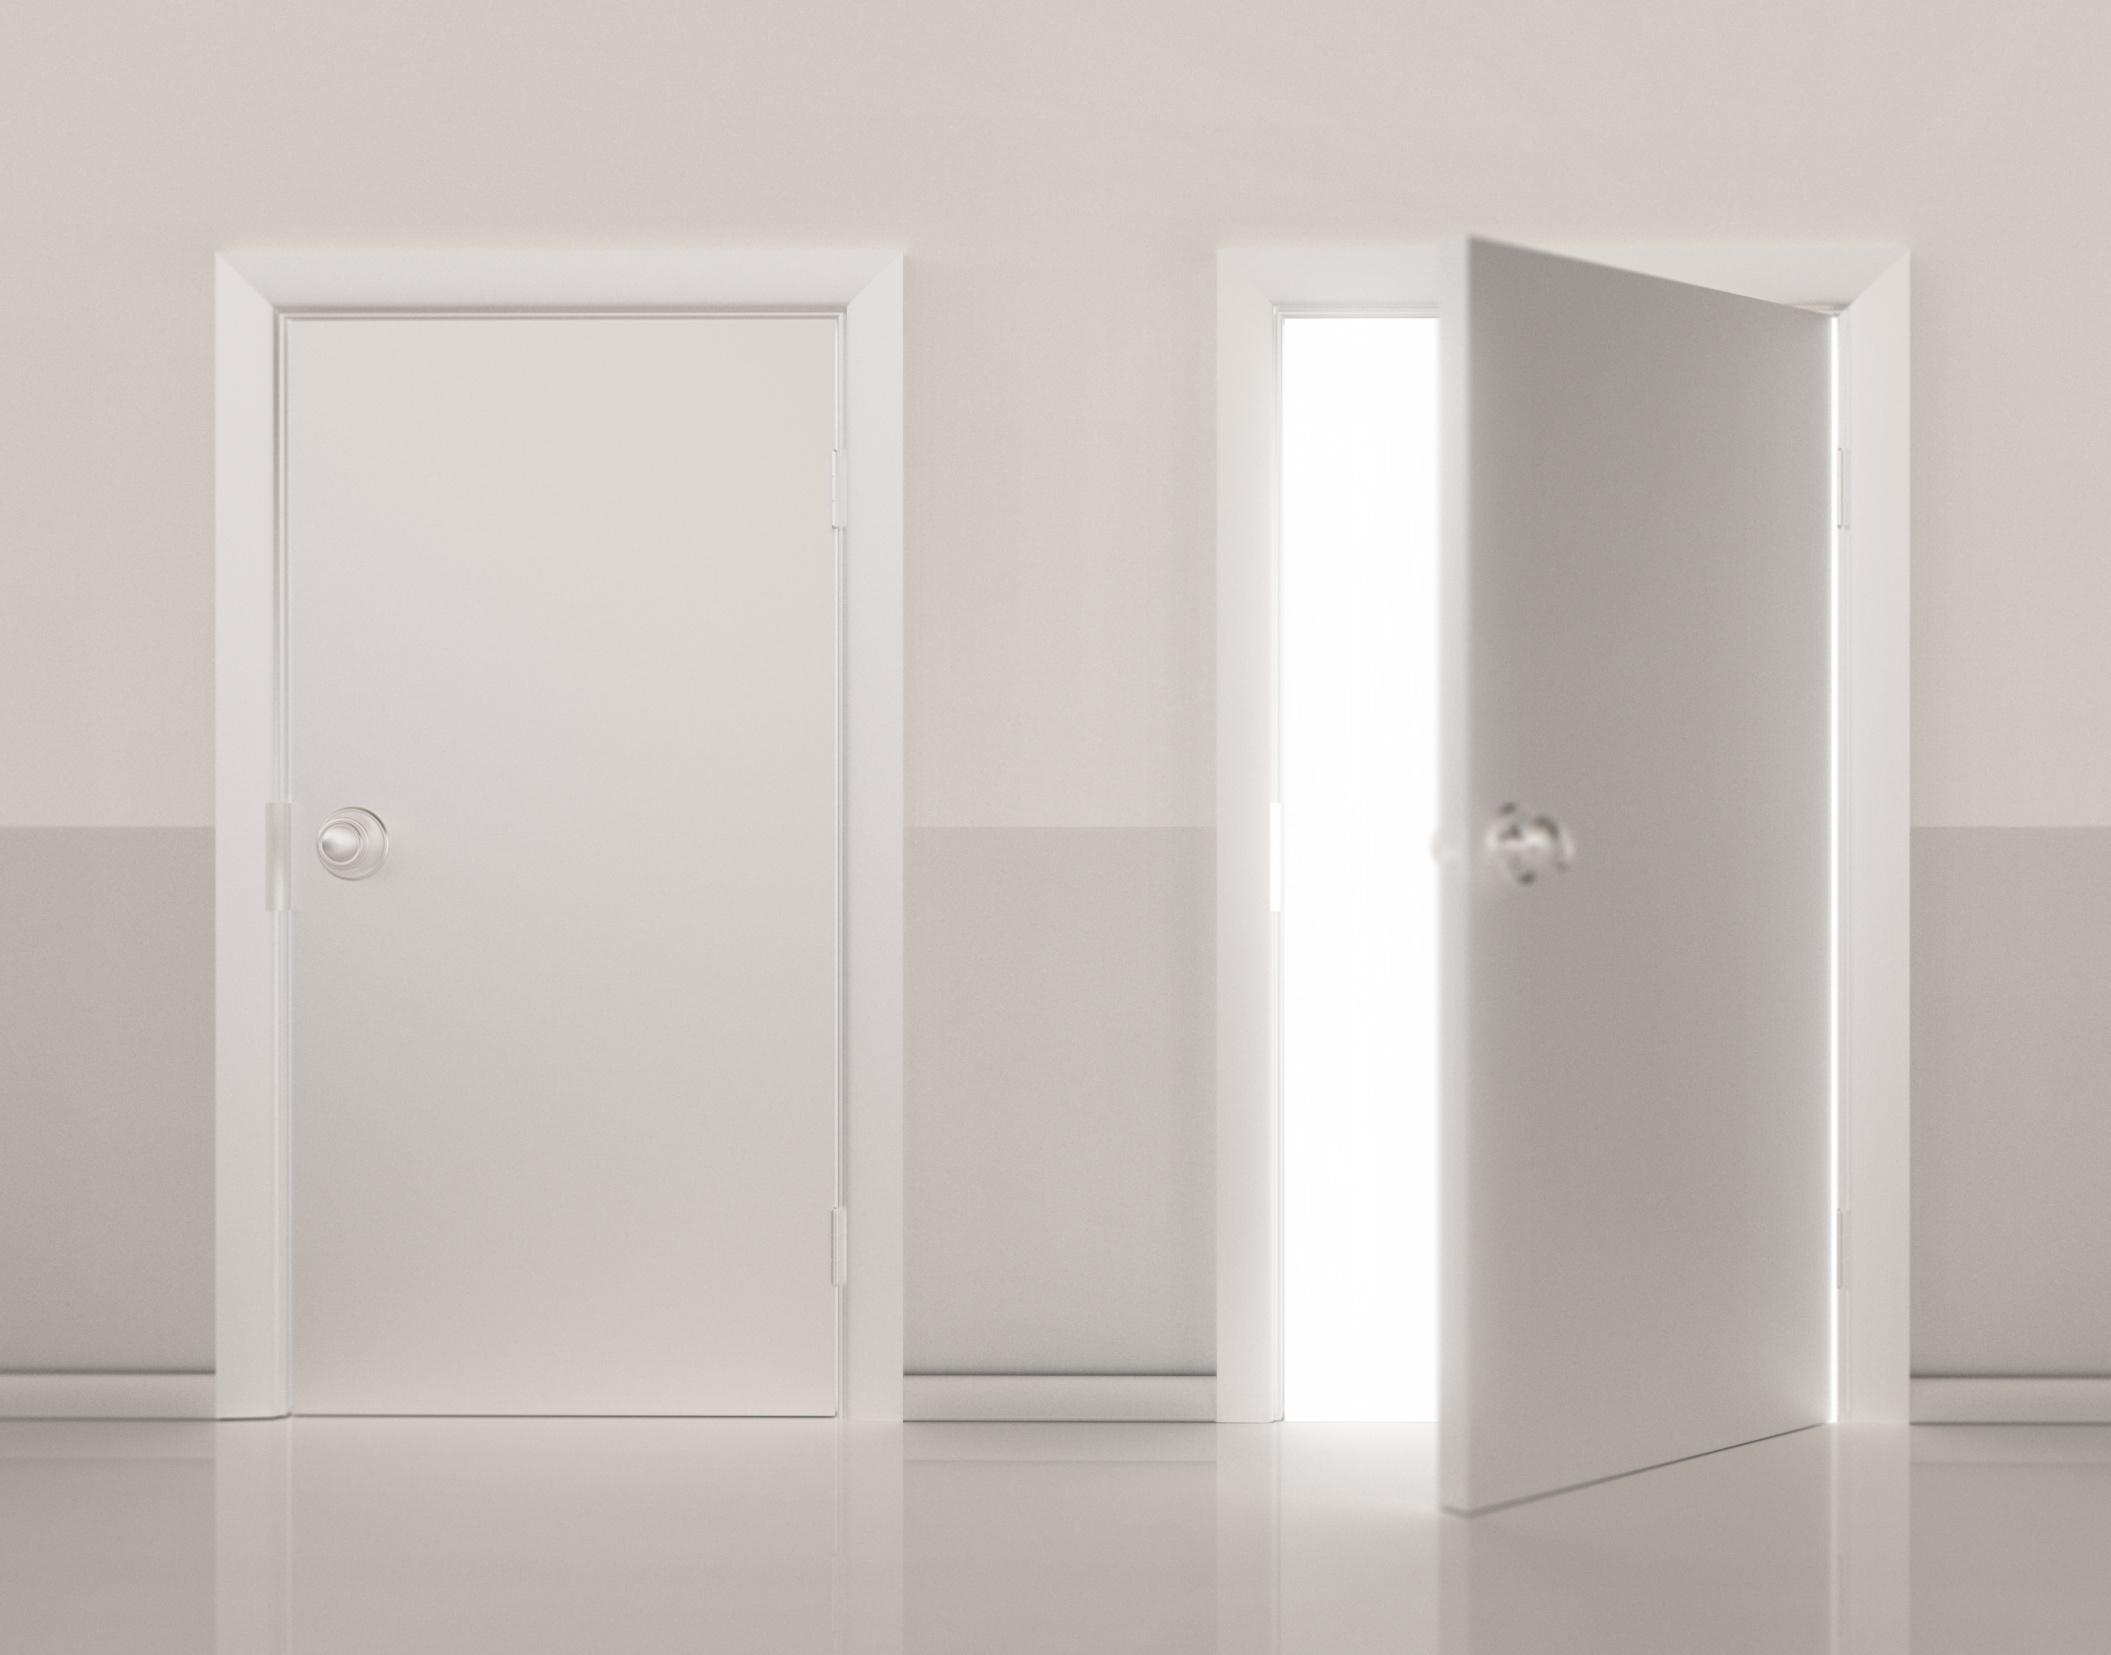 Cómo reemplazar una puerta de interiores, incluyendo el marco |